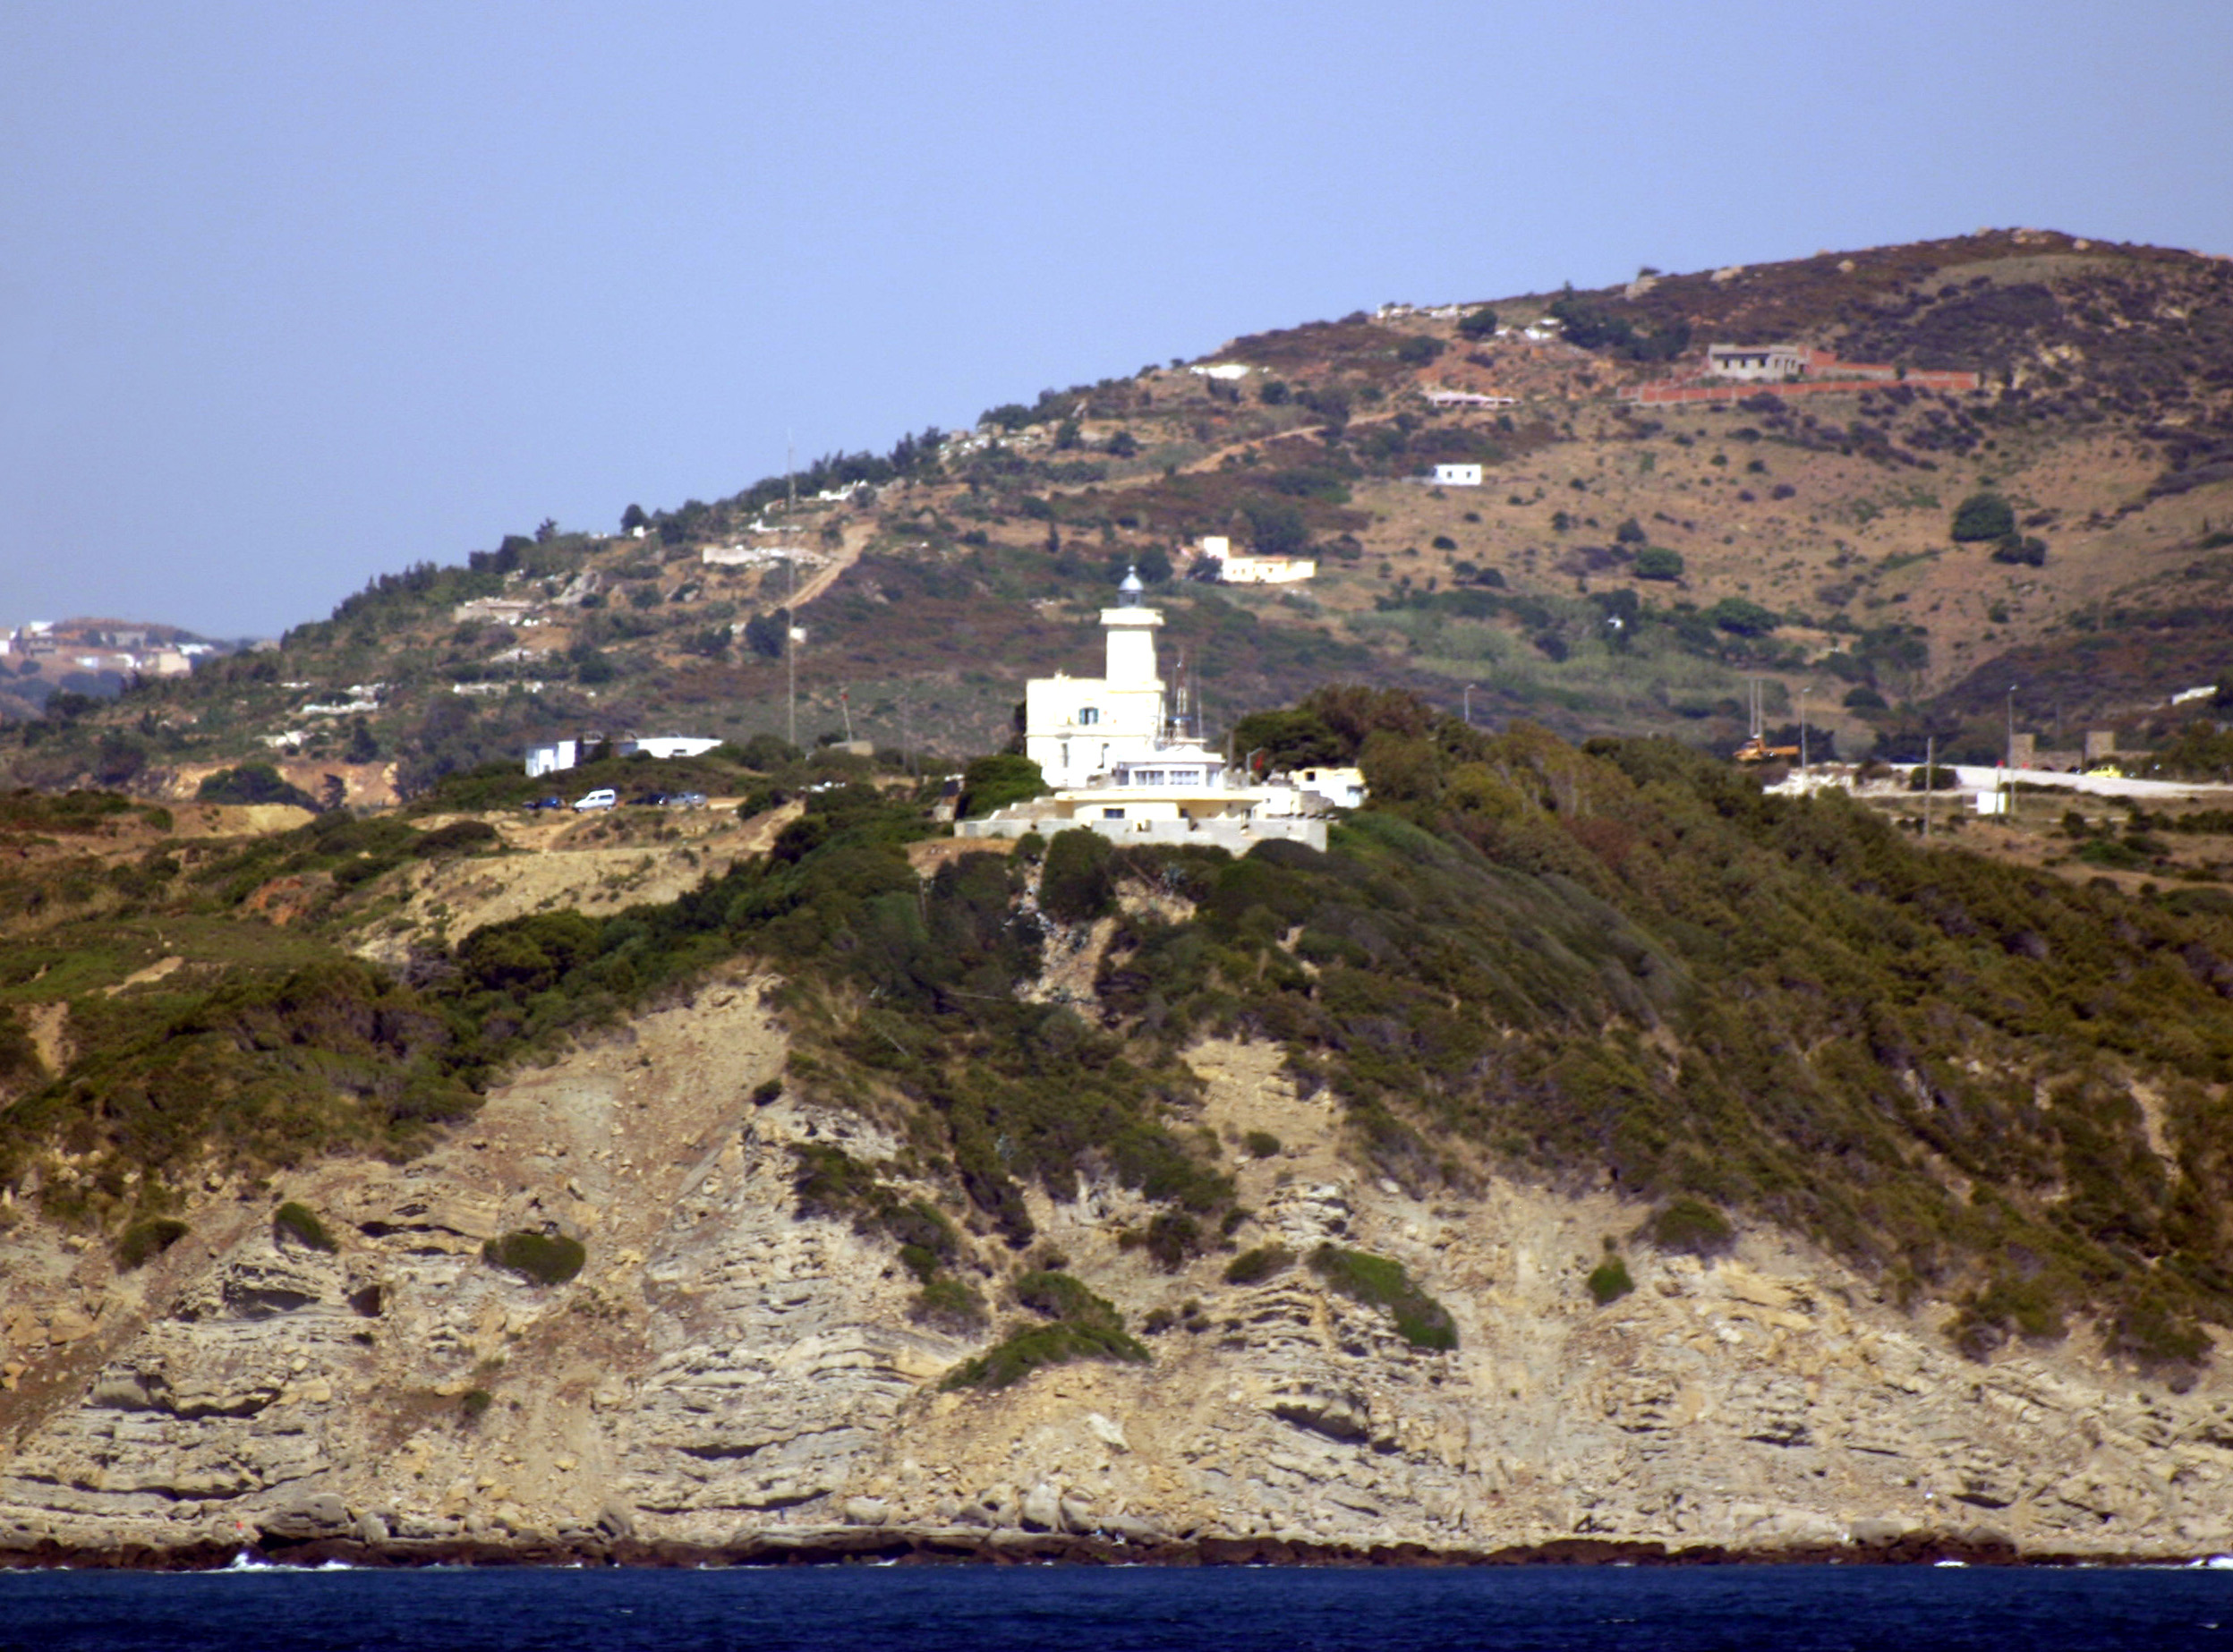 Cabo Malabata